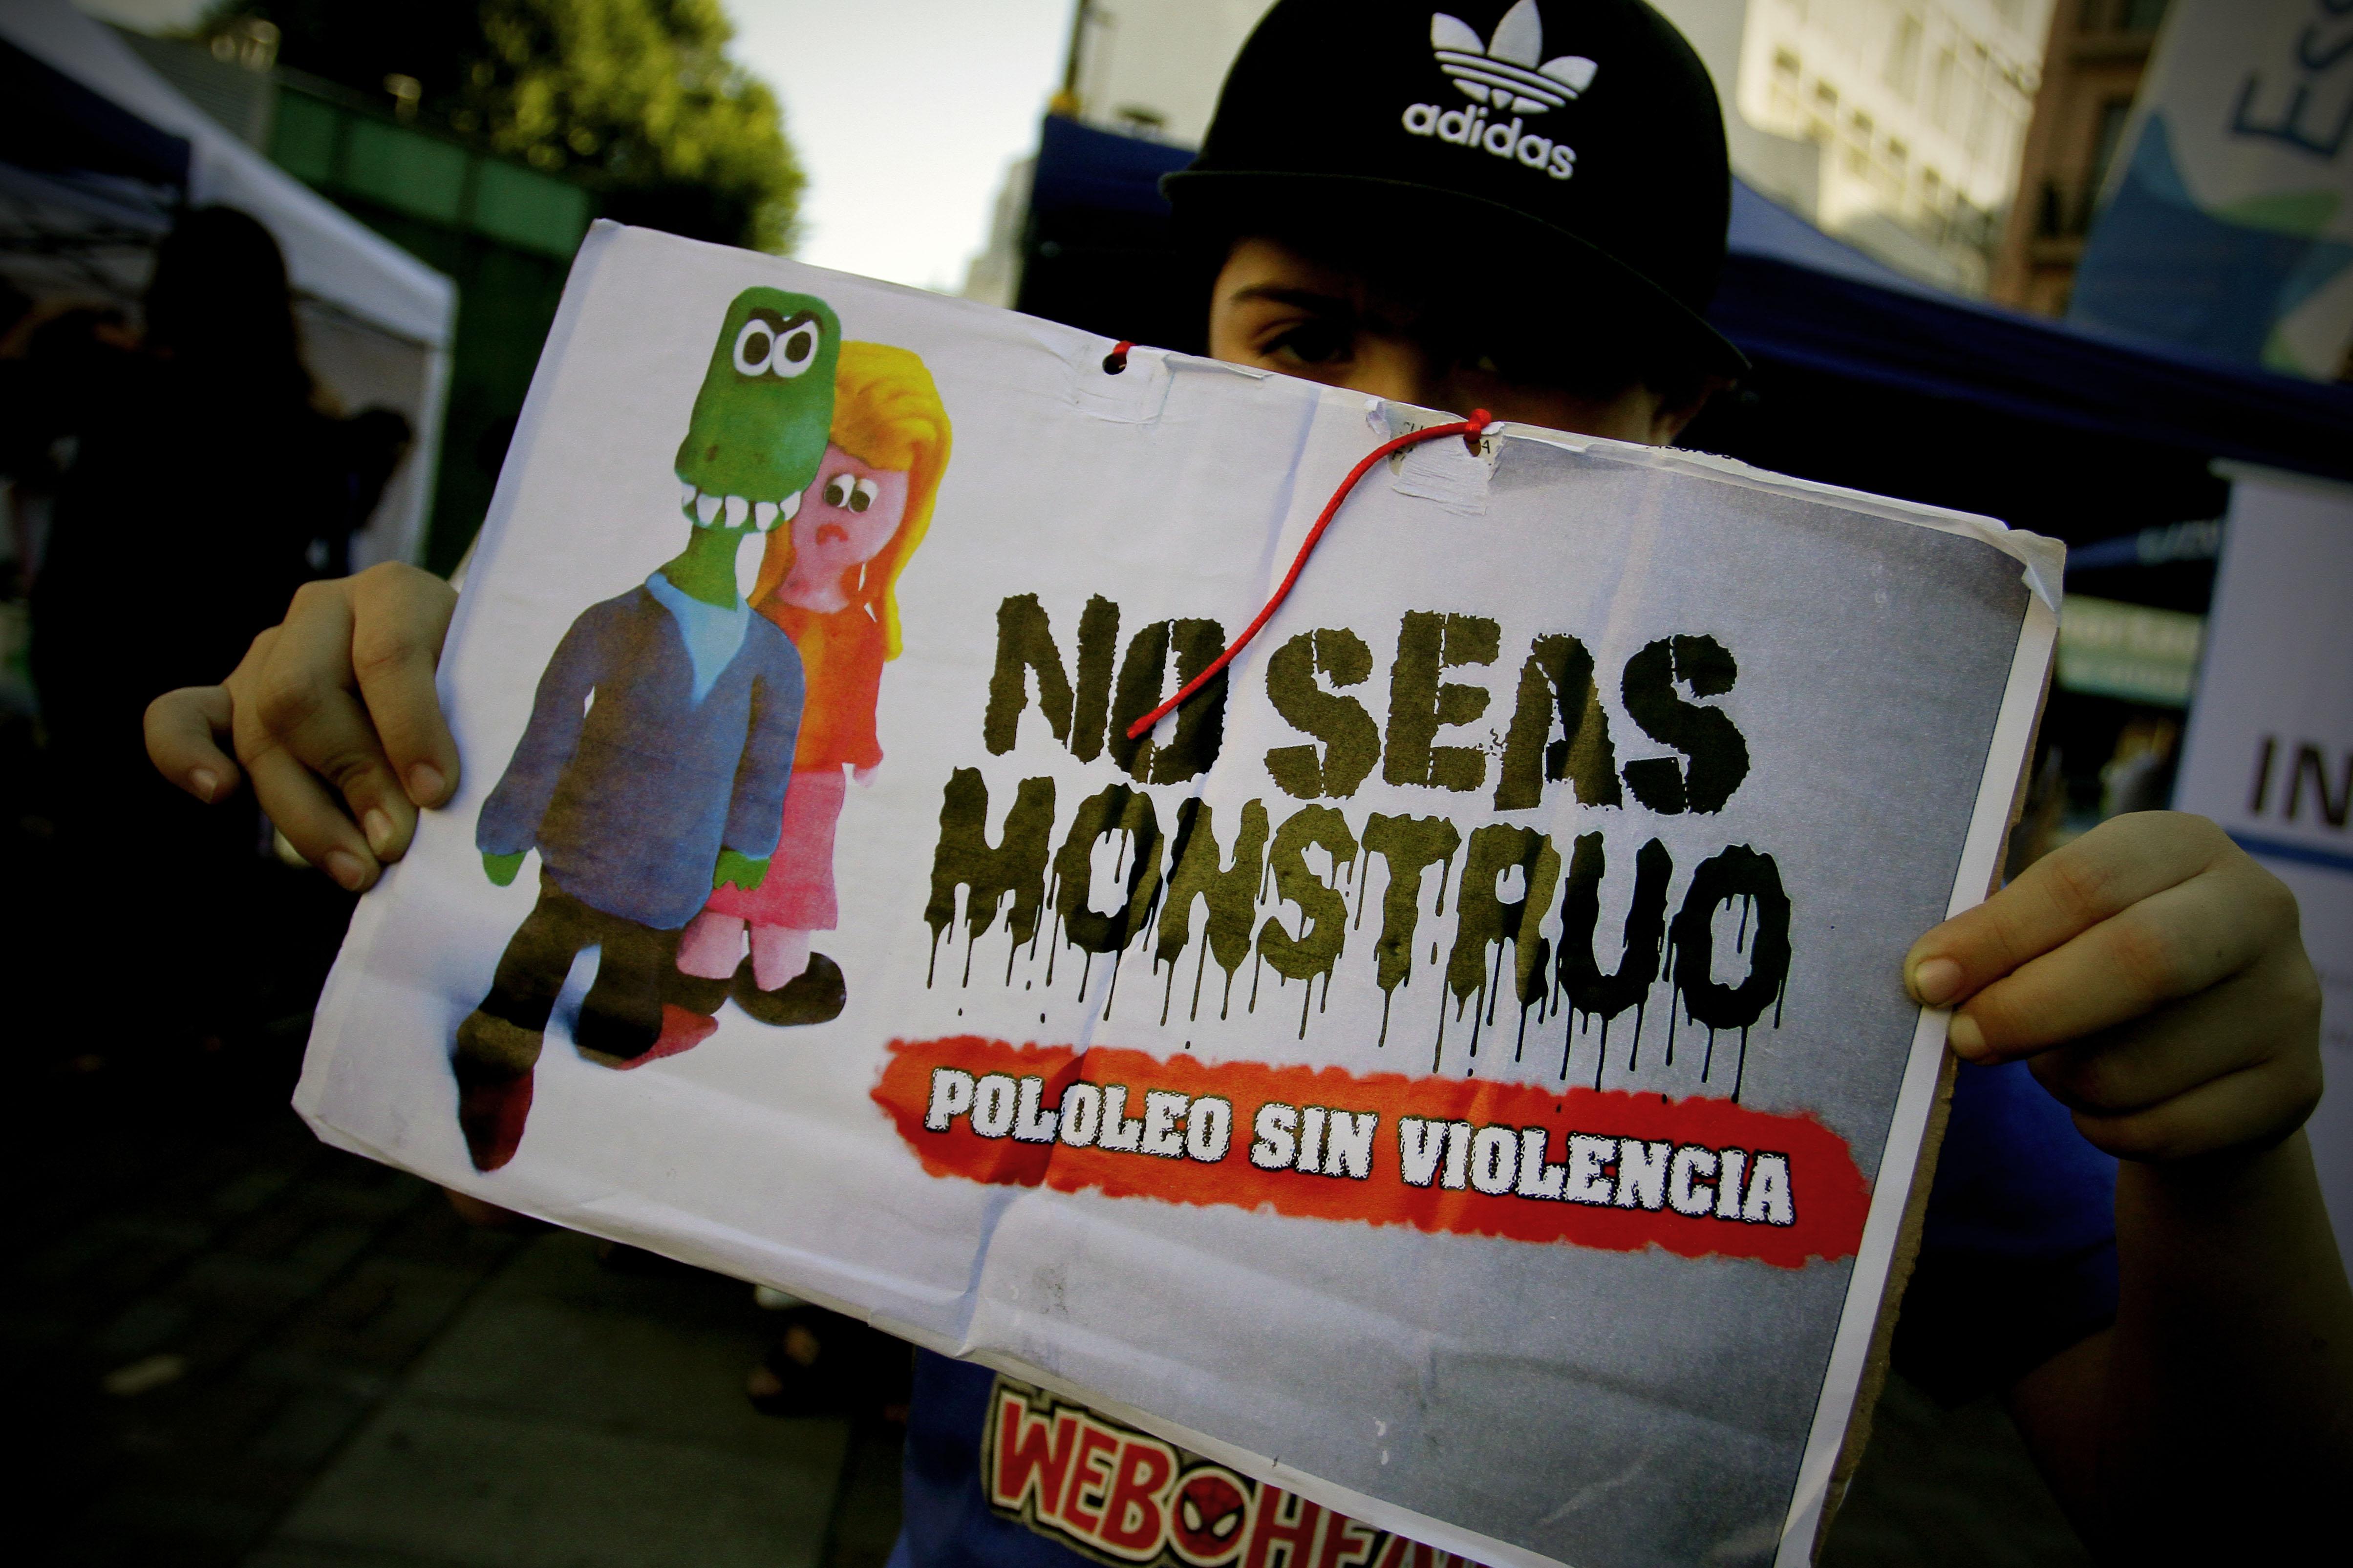 Gobierno confirma que dará urgencia a proyecto que castiga violencia en el pololeo